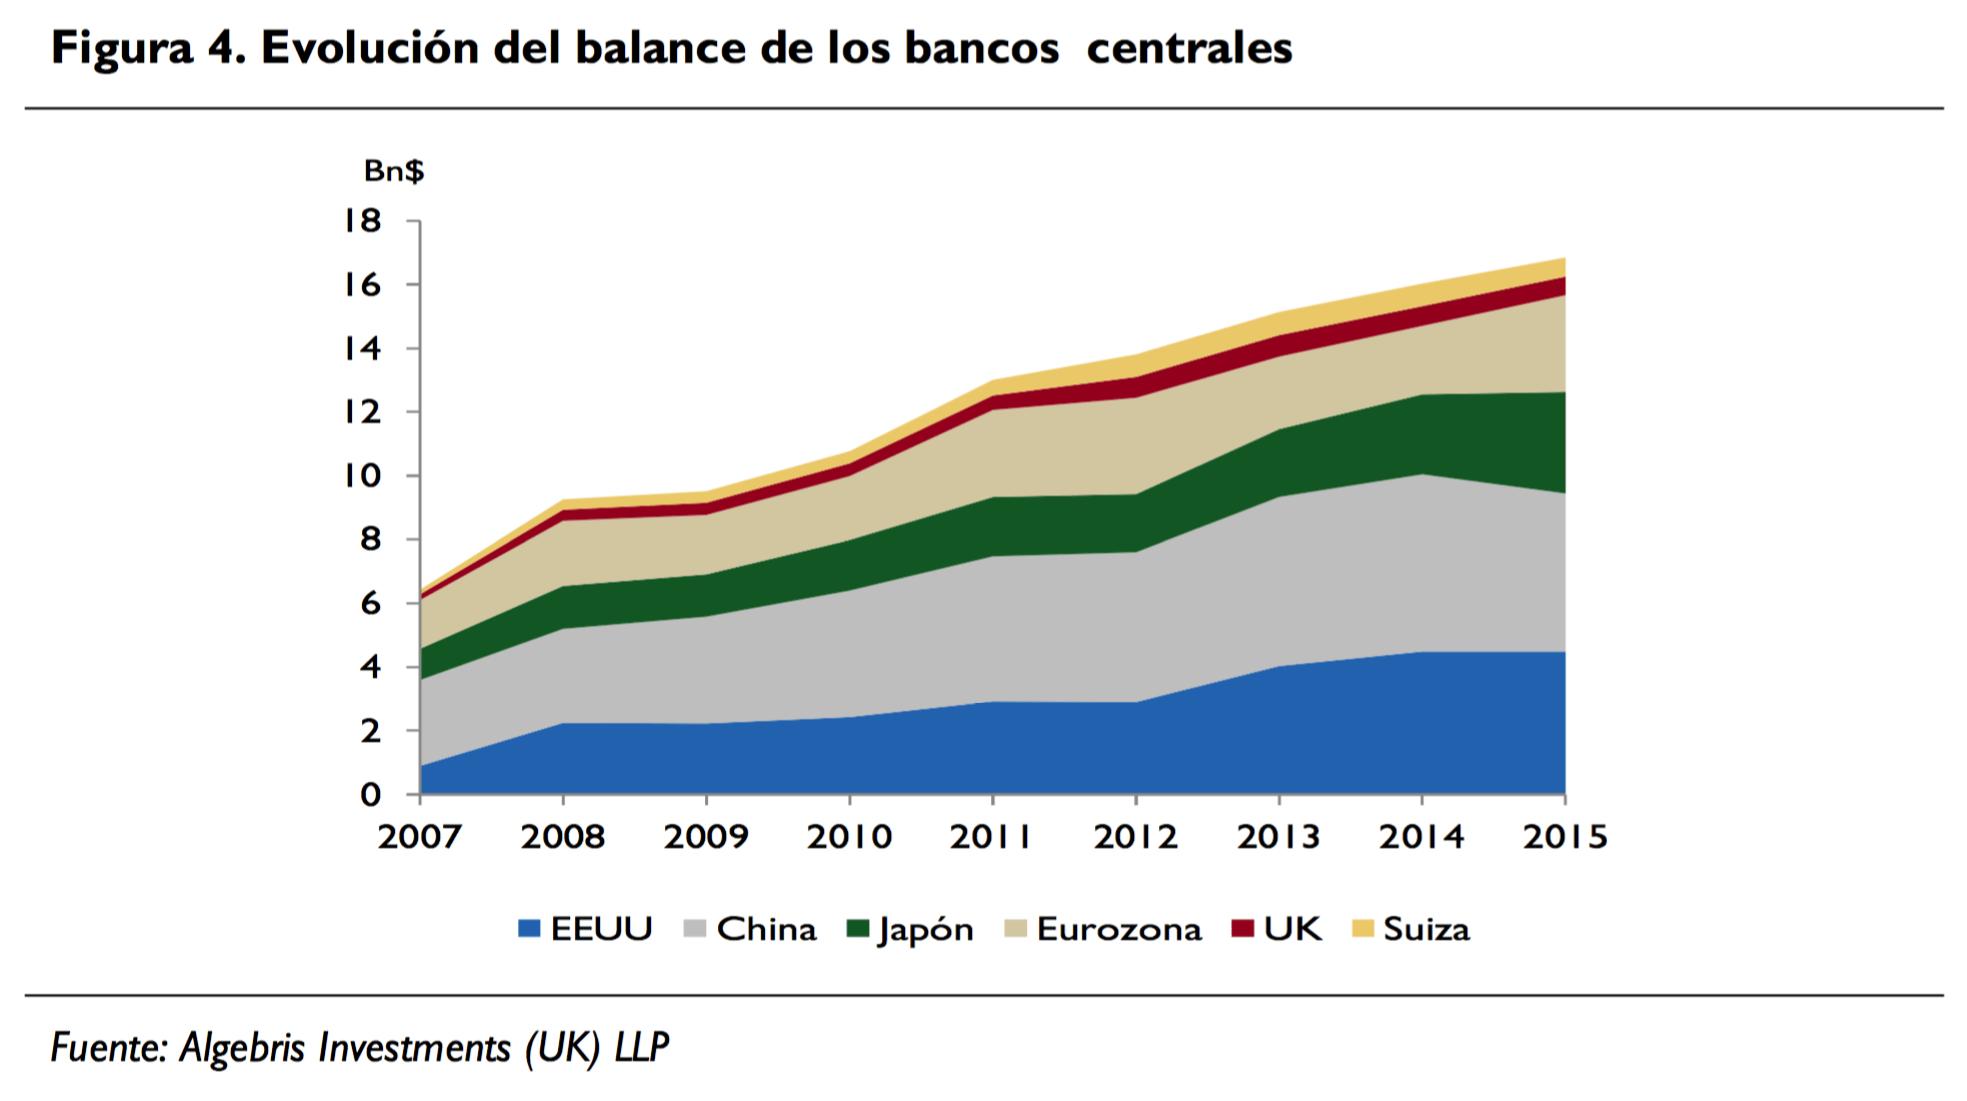 4-Activos-bancos-centrales.png (1967×1101)